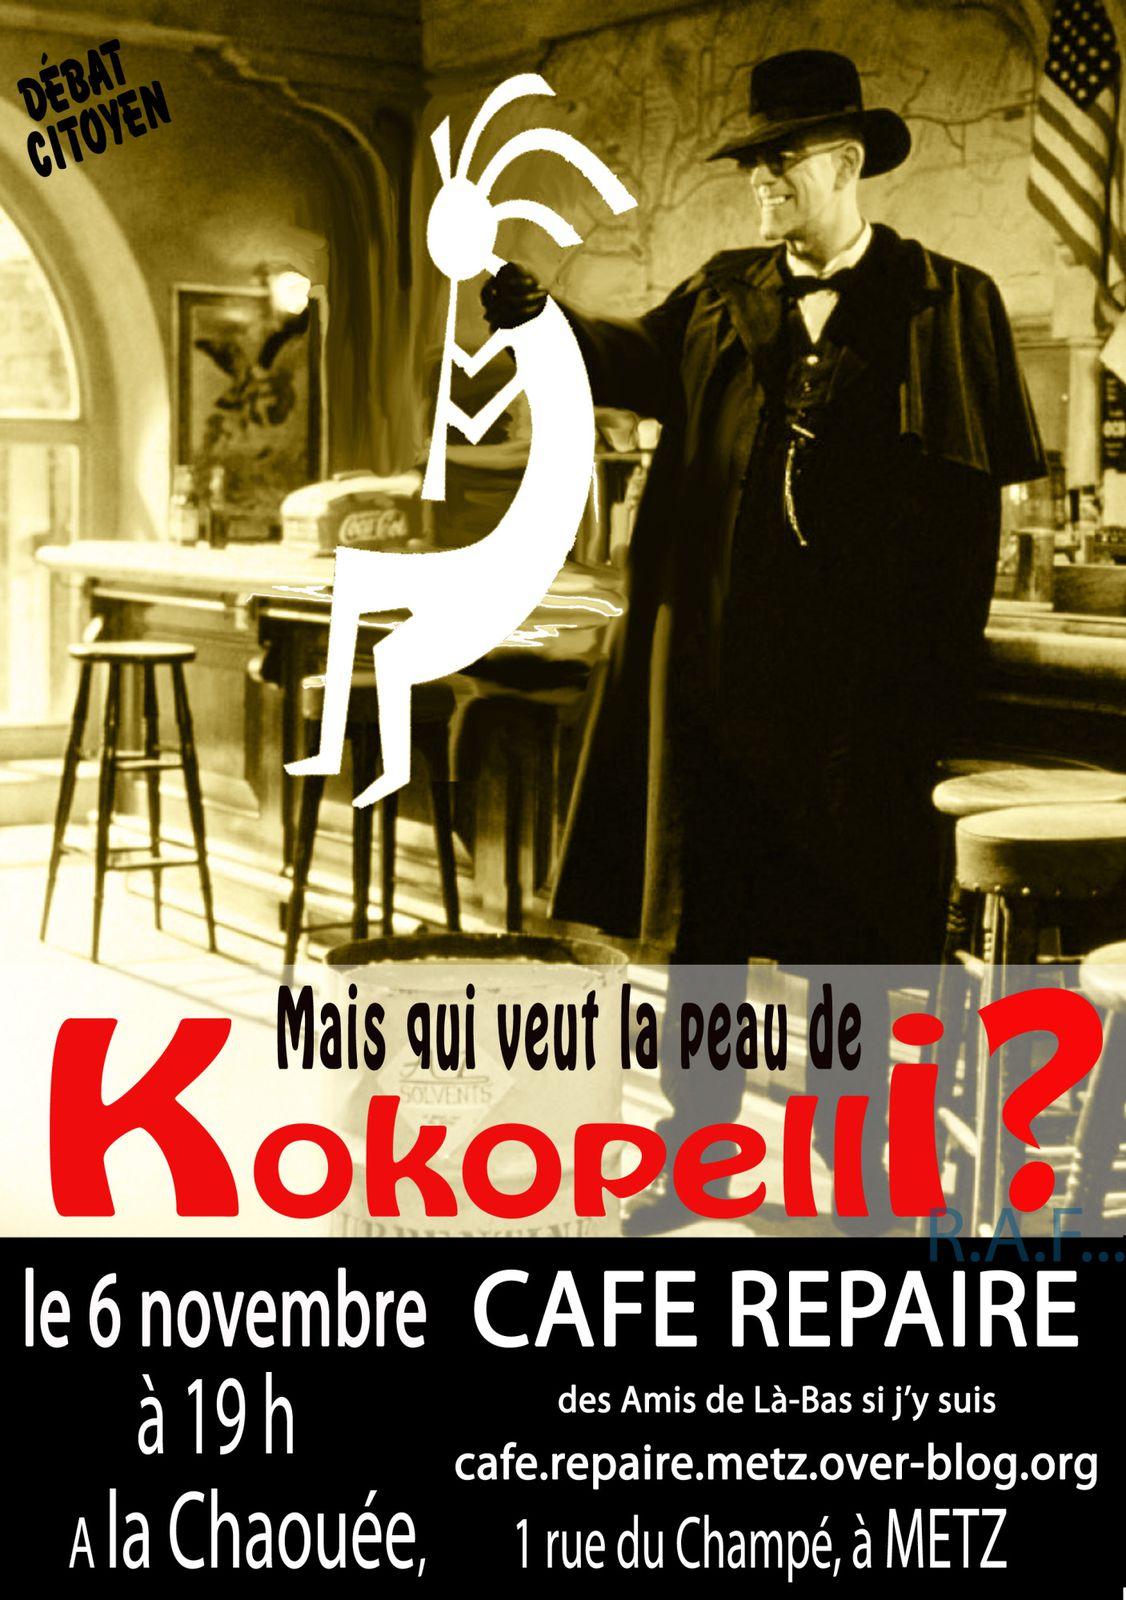 au programme du café repaire le mercredi 6 novembre